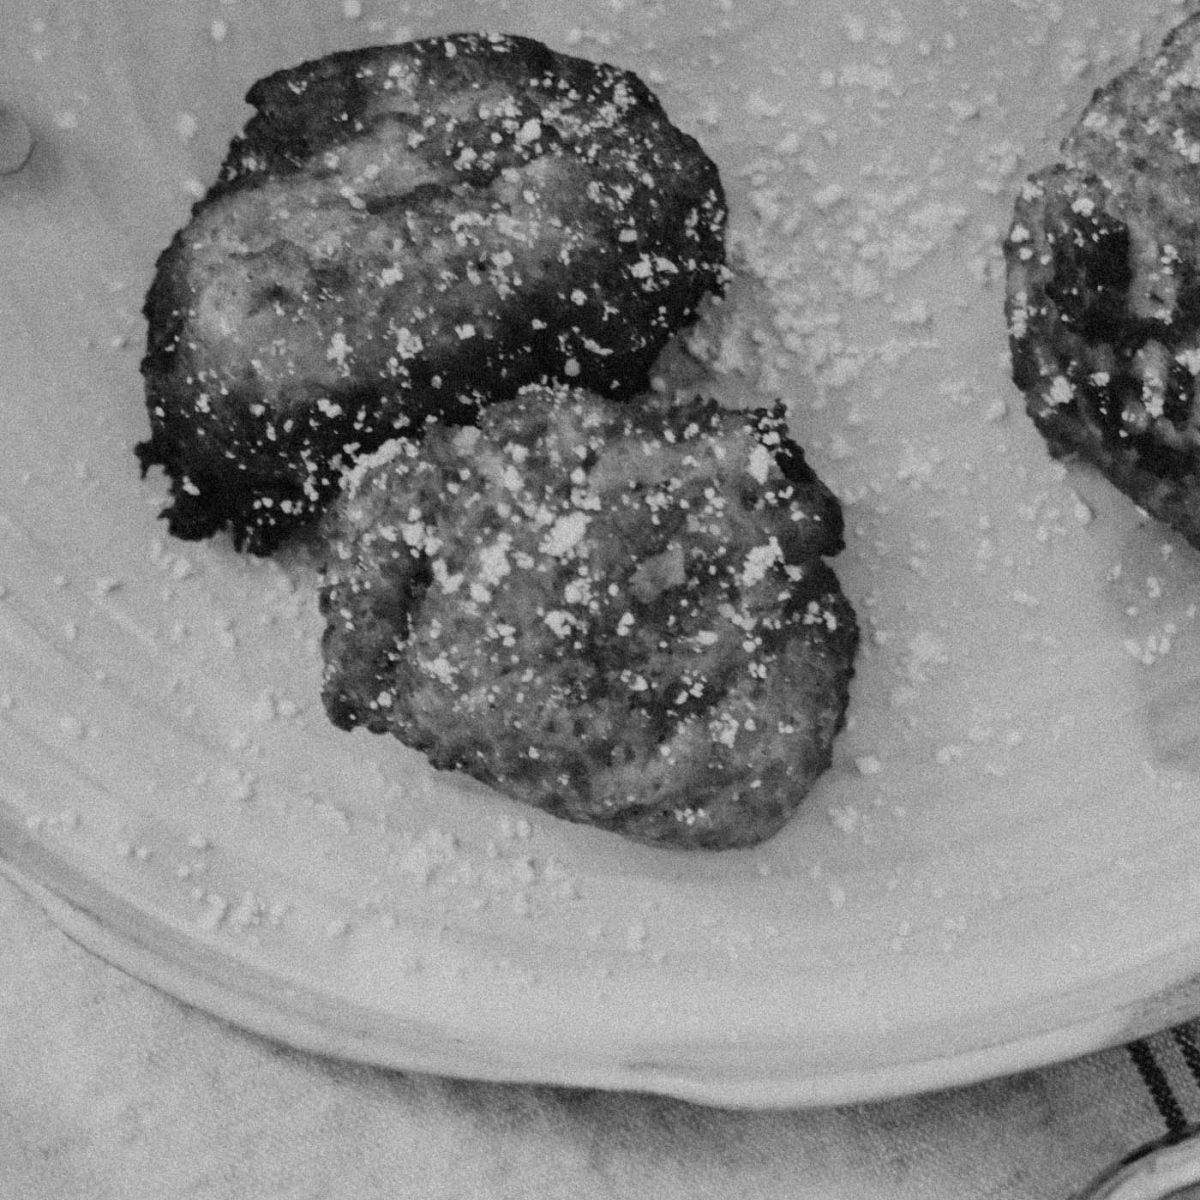 Ricottakrapfen - Ricotta doughnuts - Ricotta donuts - Baci di Ricotta 9